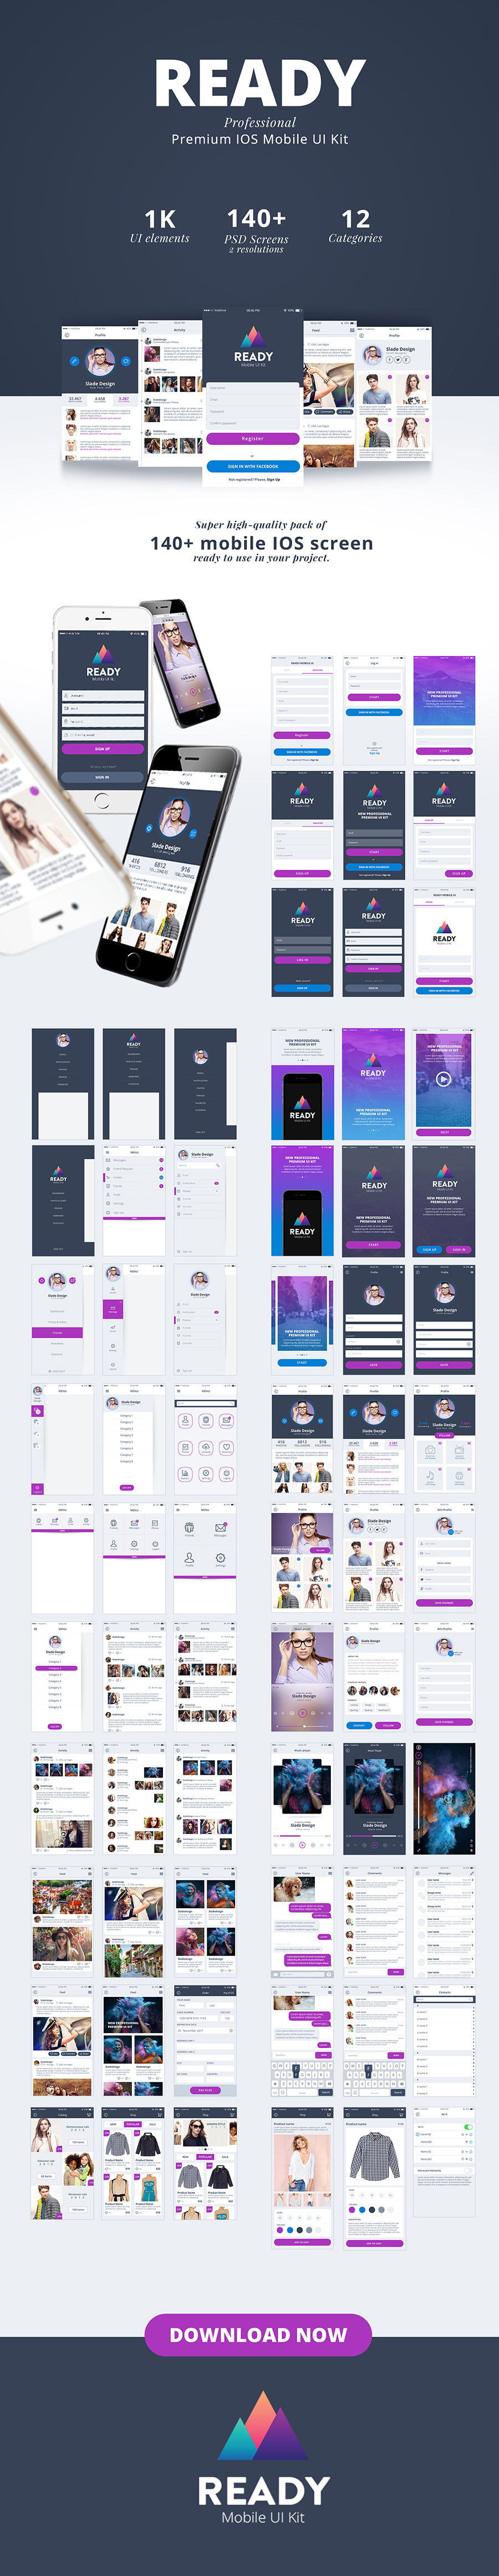 购物社交APP GUI模版,PSD源文件